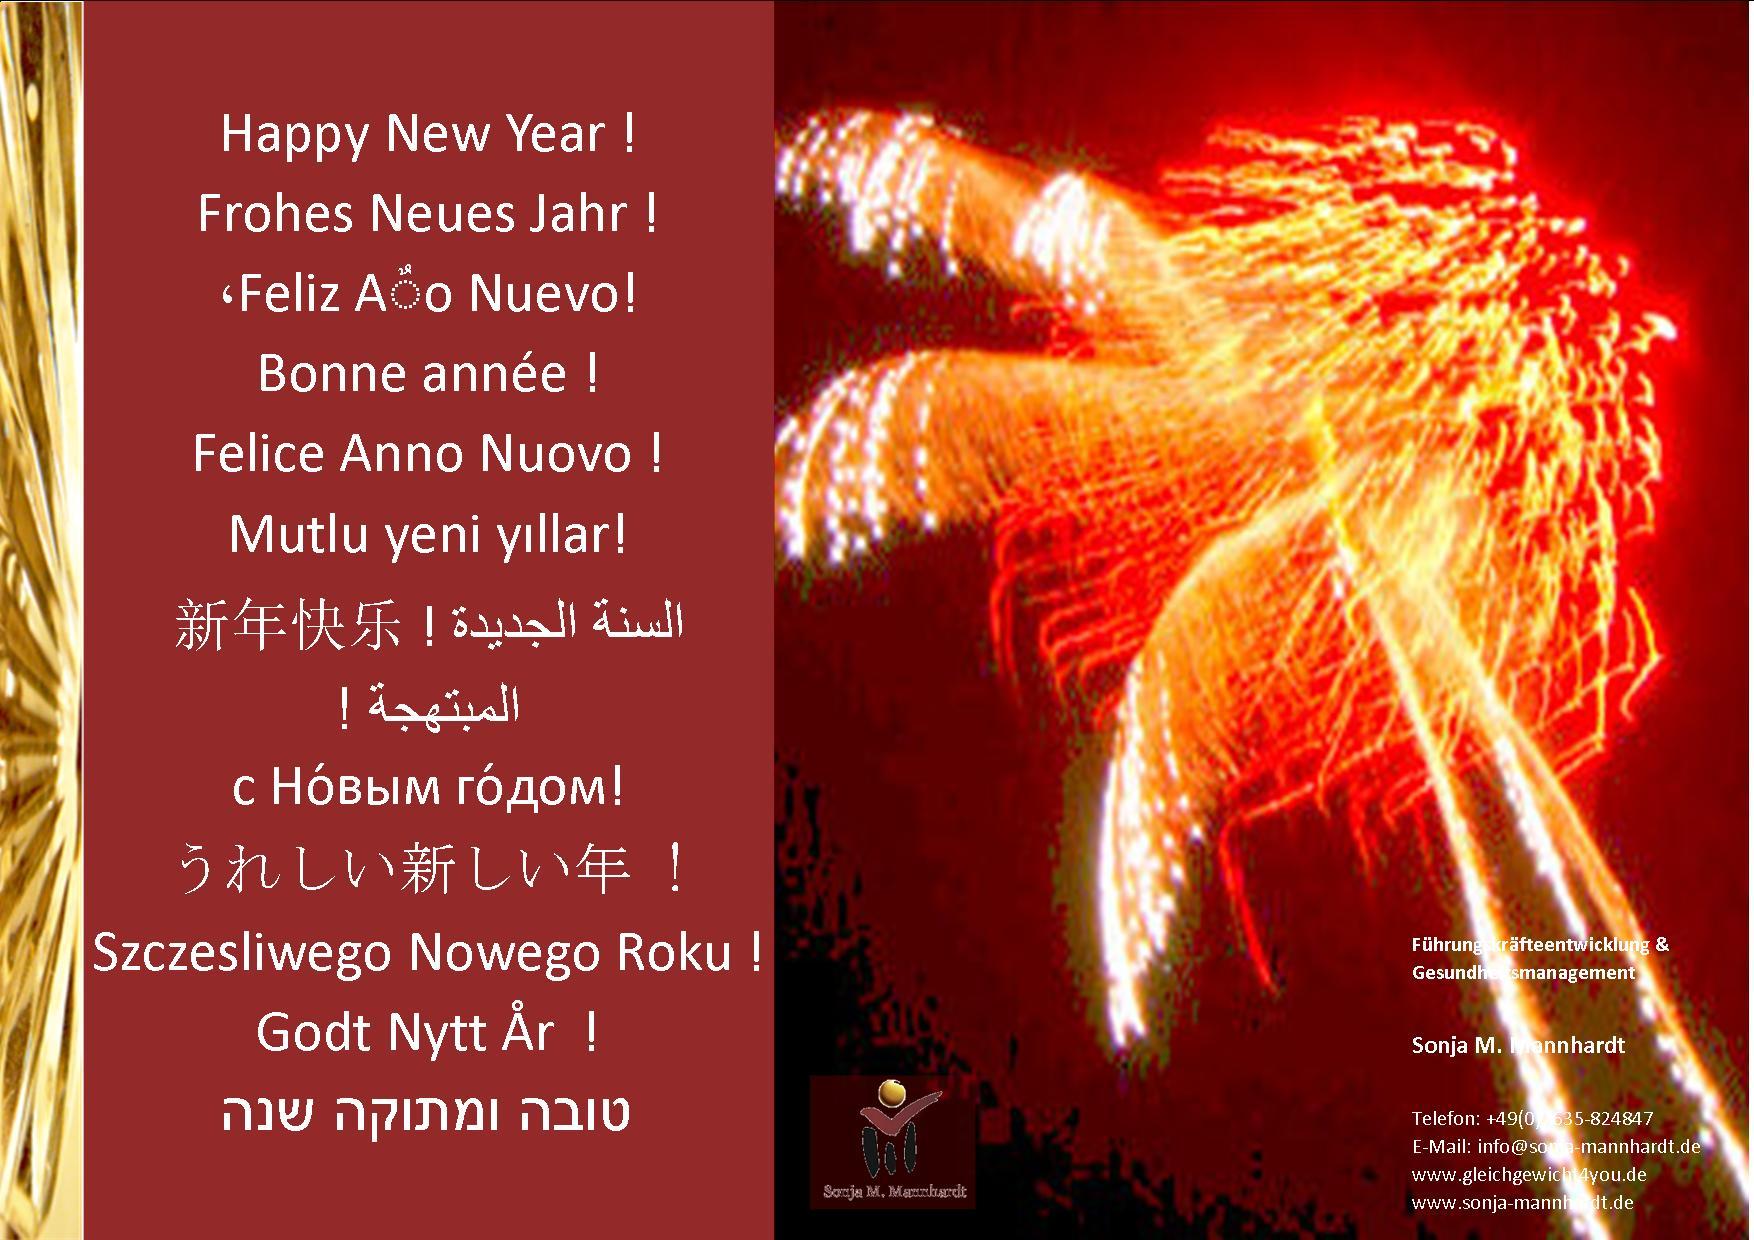 Happy New Year! Gedanken zum Anfang | Sonja Mannhardt ...